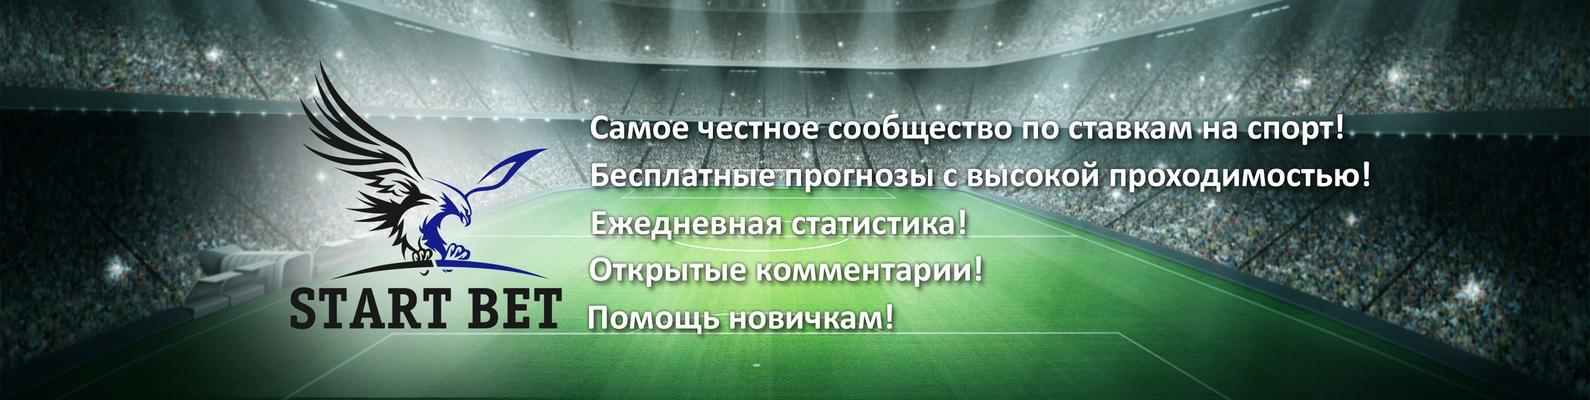 Самая богатая букмекерская контора в мире и украине